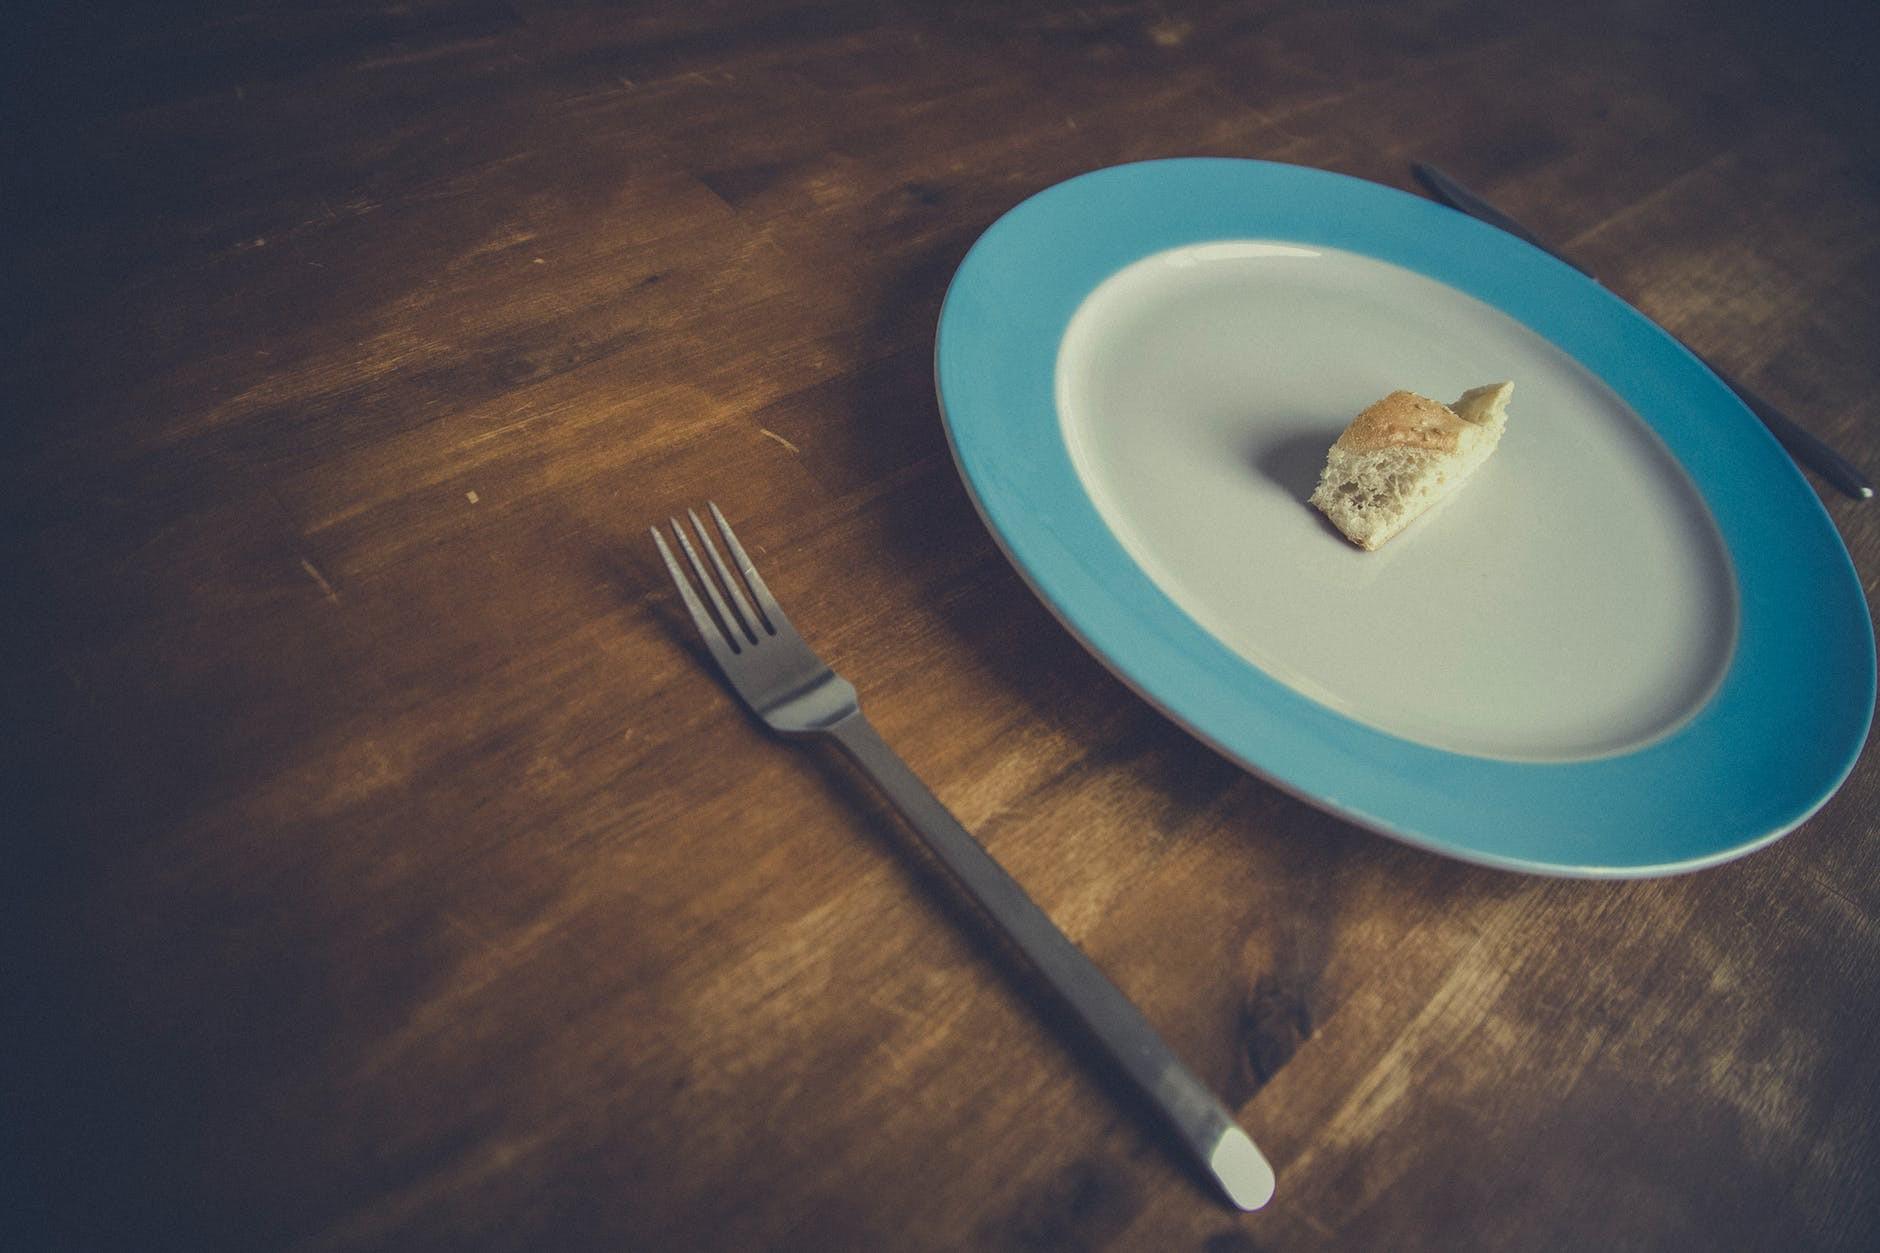 Những sai lầm không ngờ đến khiến bạn mãi không giảm được chút mỡ bụng nào - Ảnh 2.